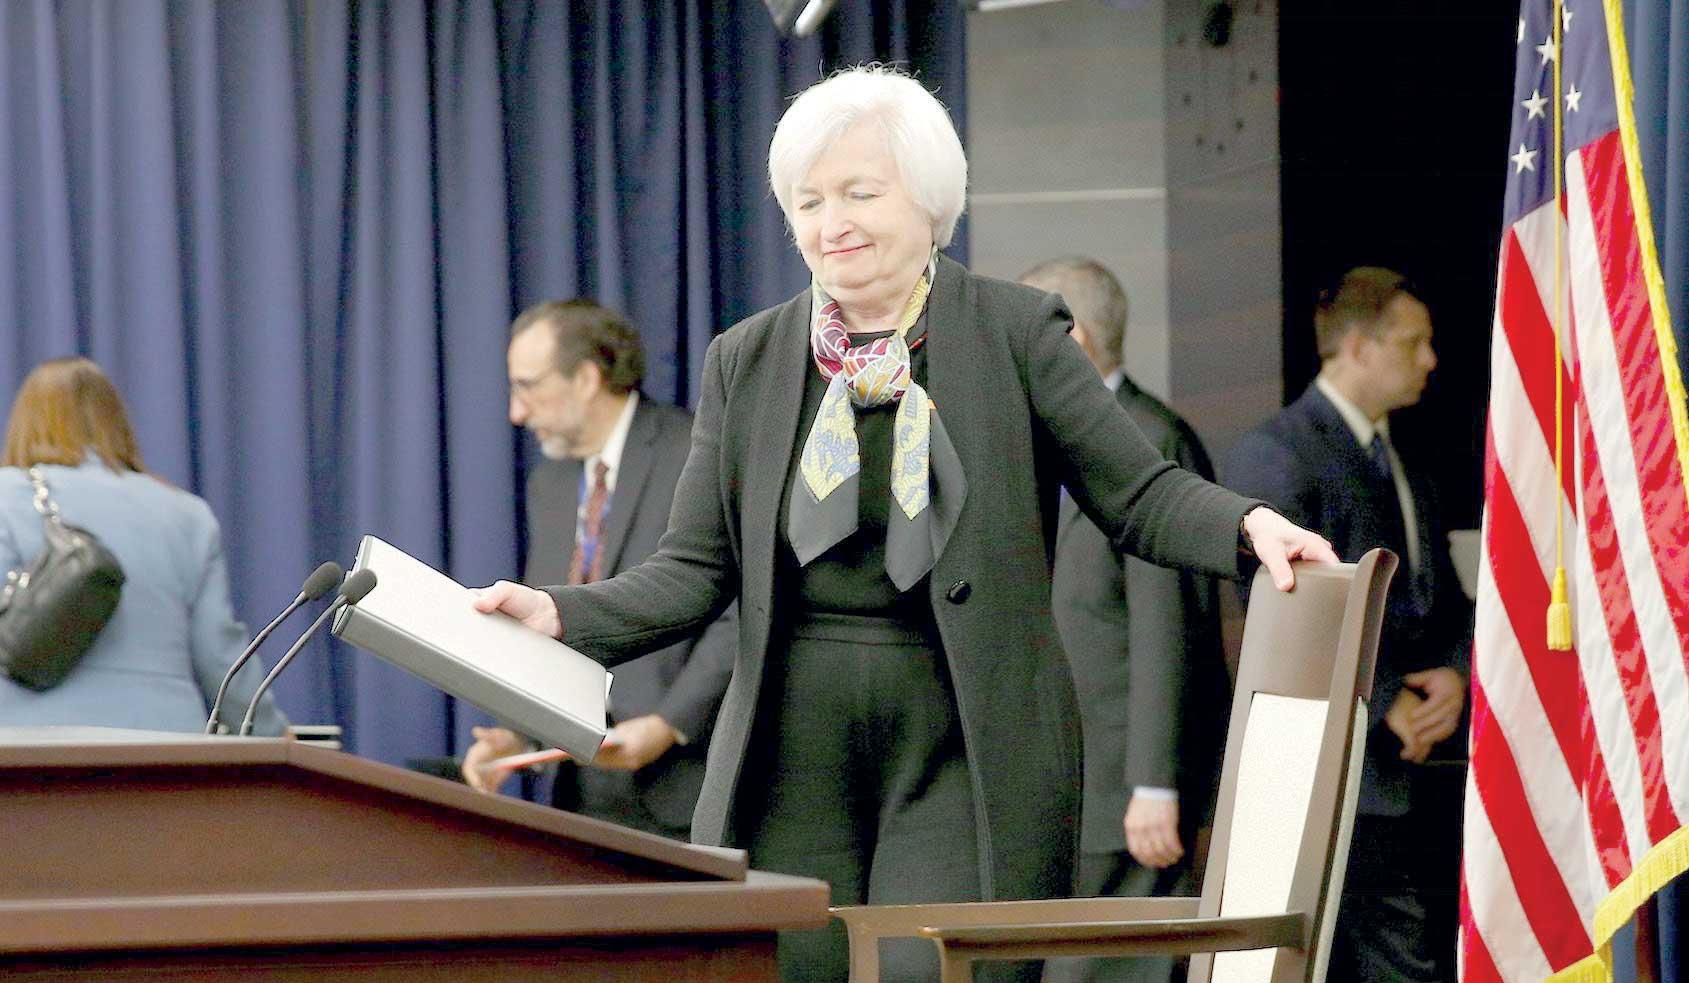 بانک های دارای مجوز ایالتی می توانند به نظام فدرال رزرو بپیوندند.